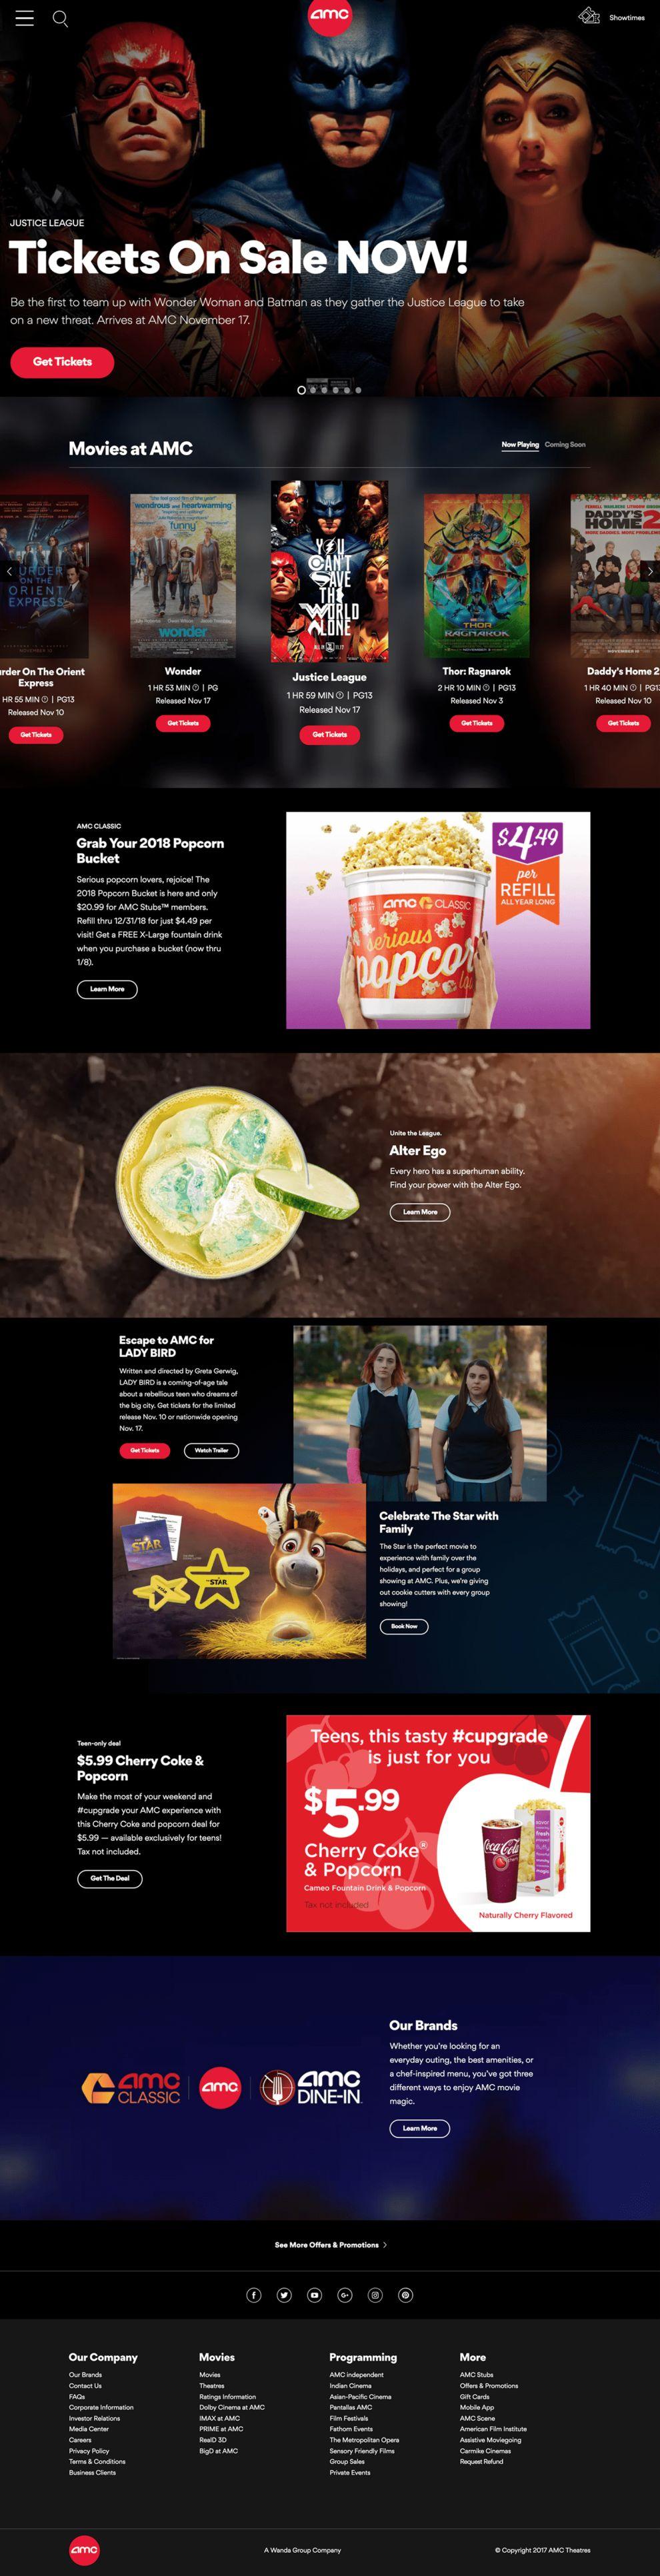 AMC Theatres Great Website Design